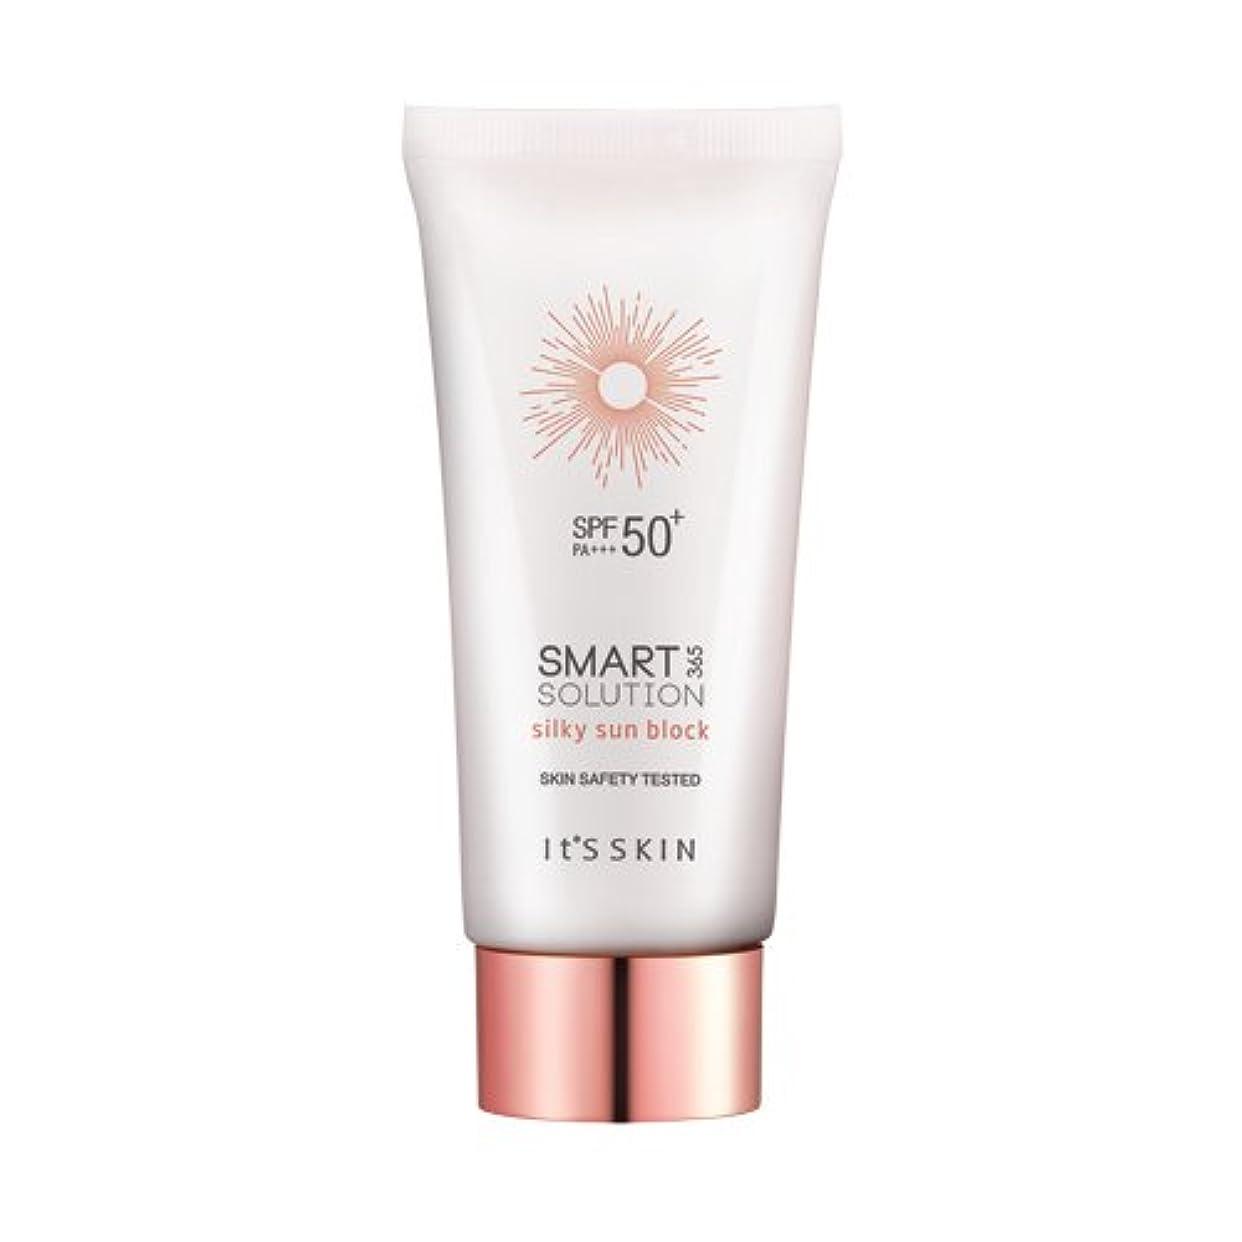 気付くメダリスト教科書[イッツスキン/Its skin]スマートソリューション 365シルキーサンブロック (SPF50+ PA+++) (Smart solution 365 silky sun block)